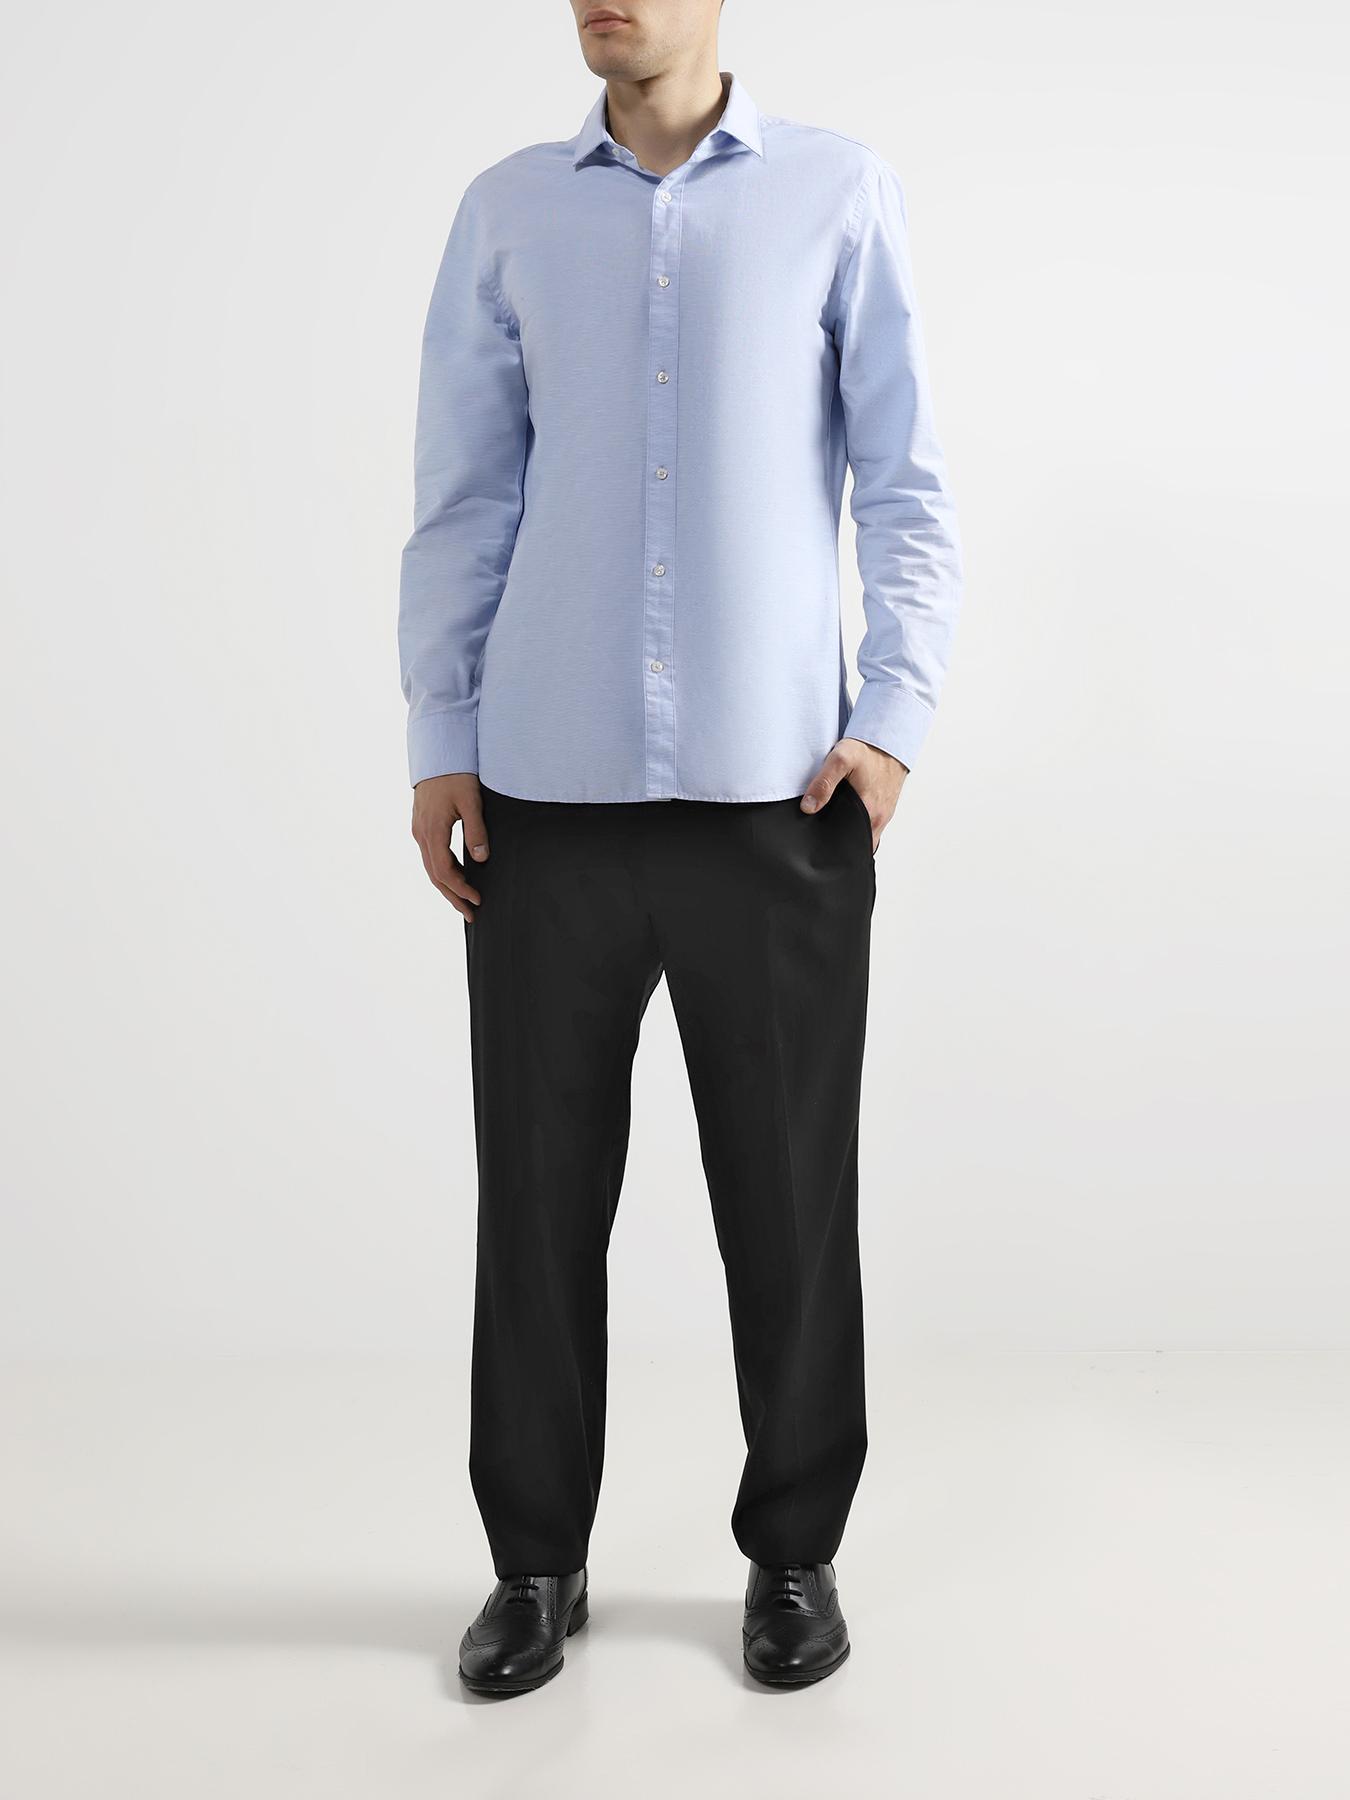 Ritter Классические брюки фото